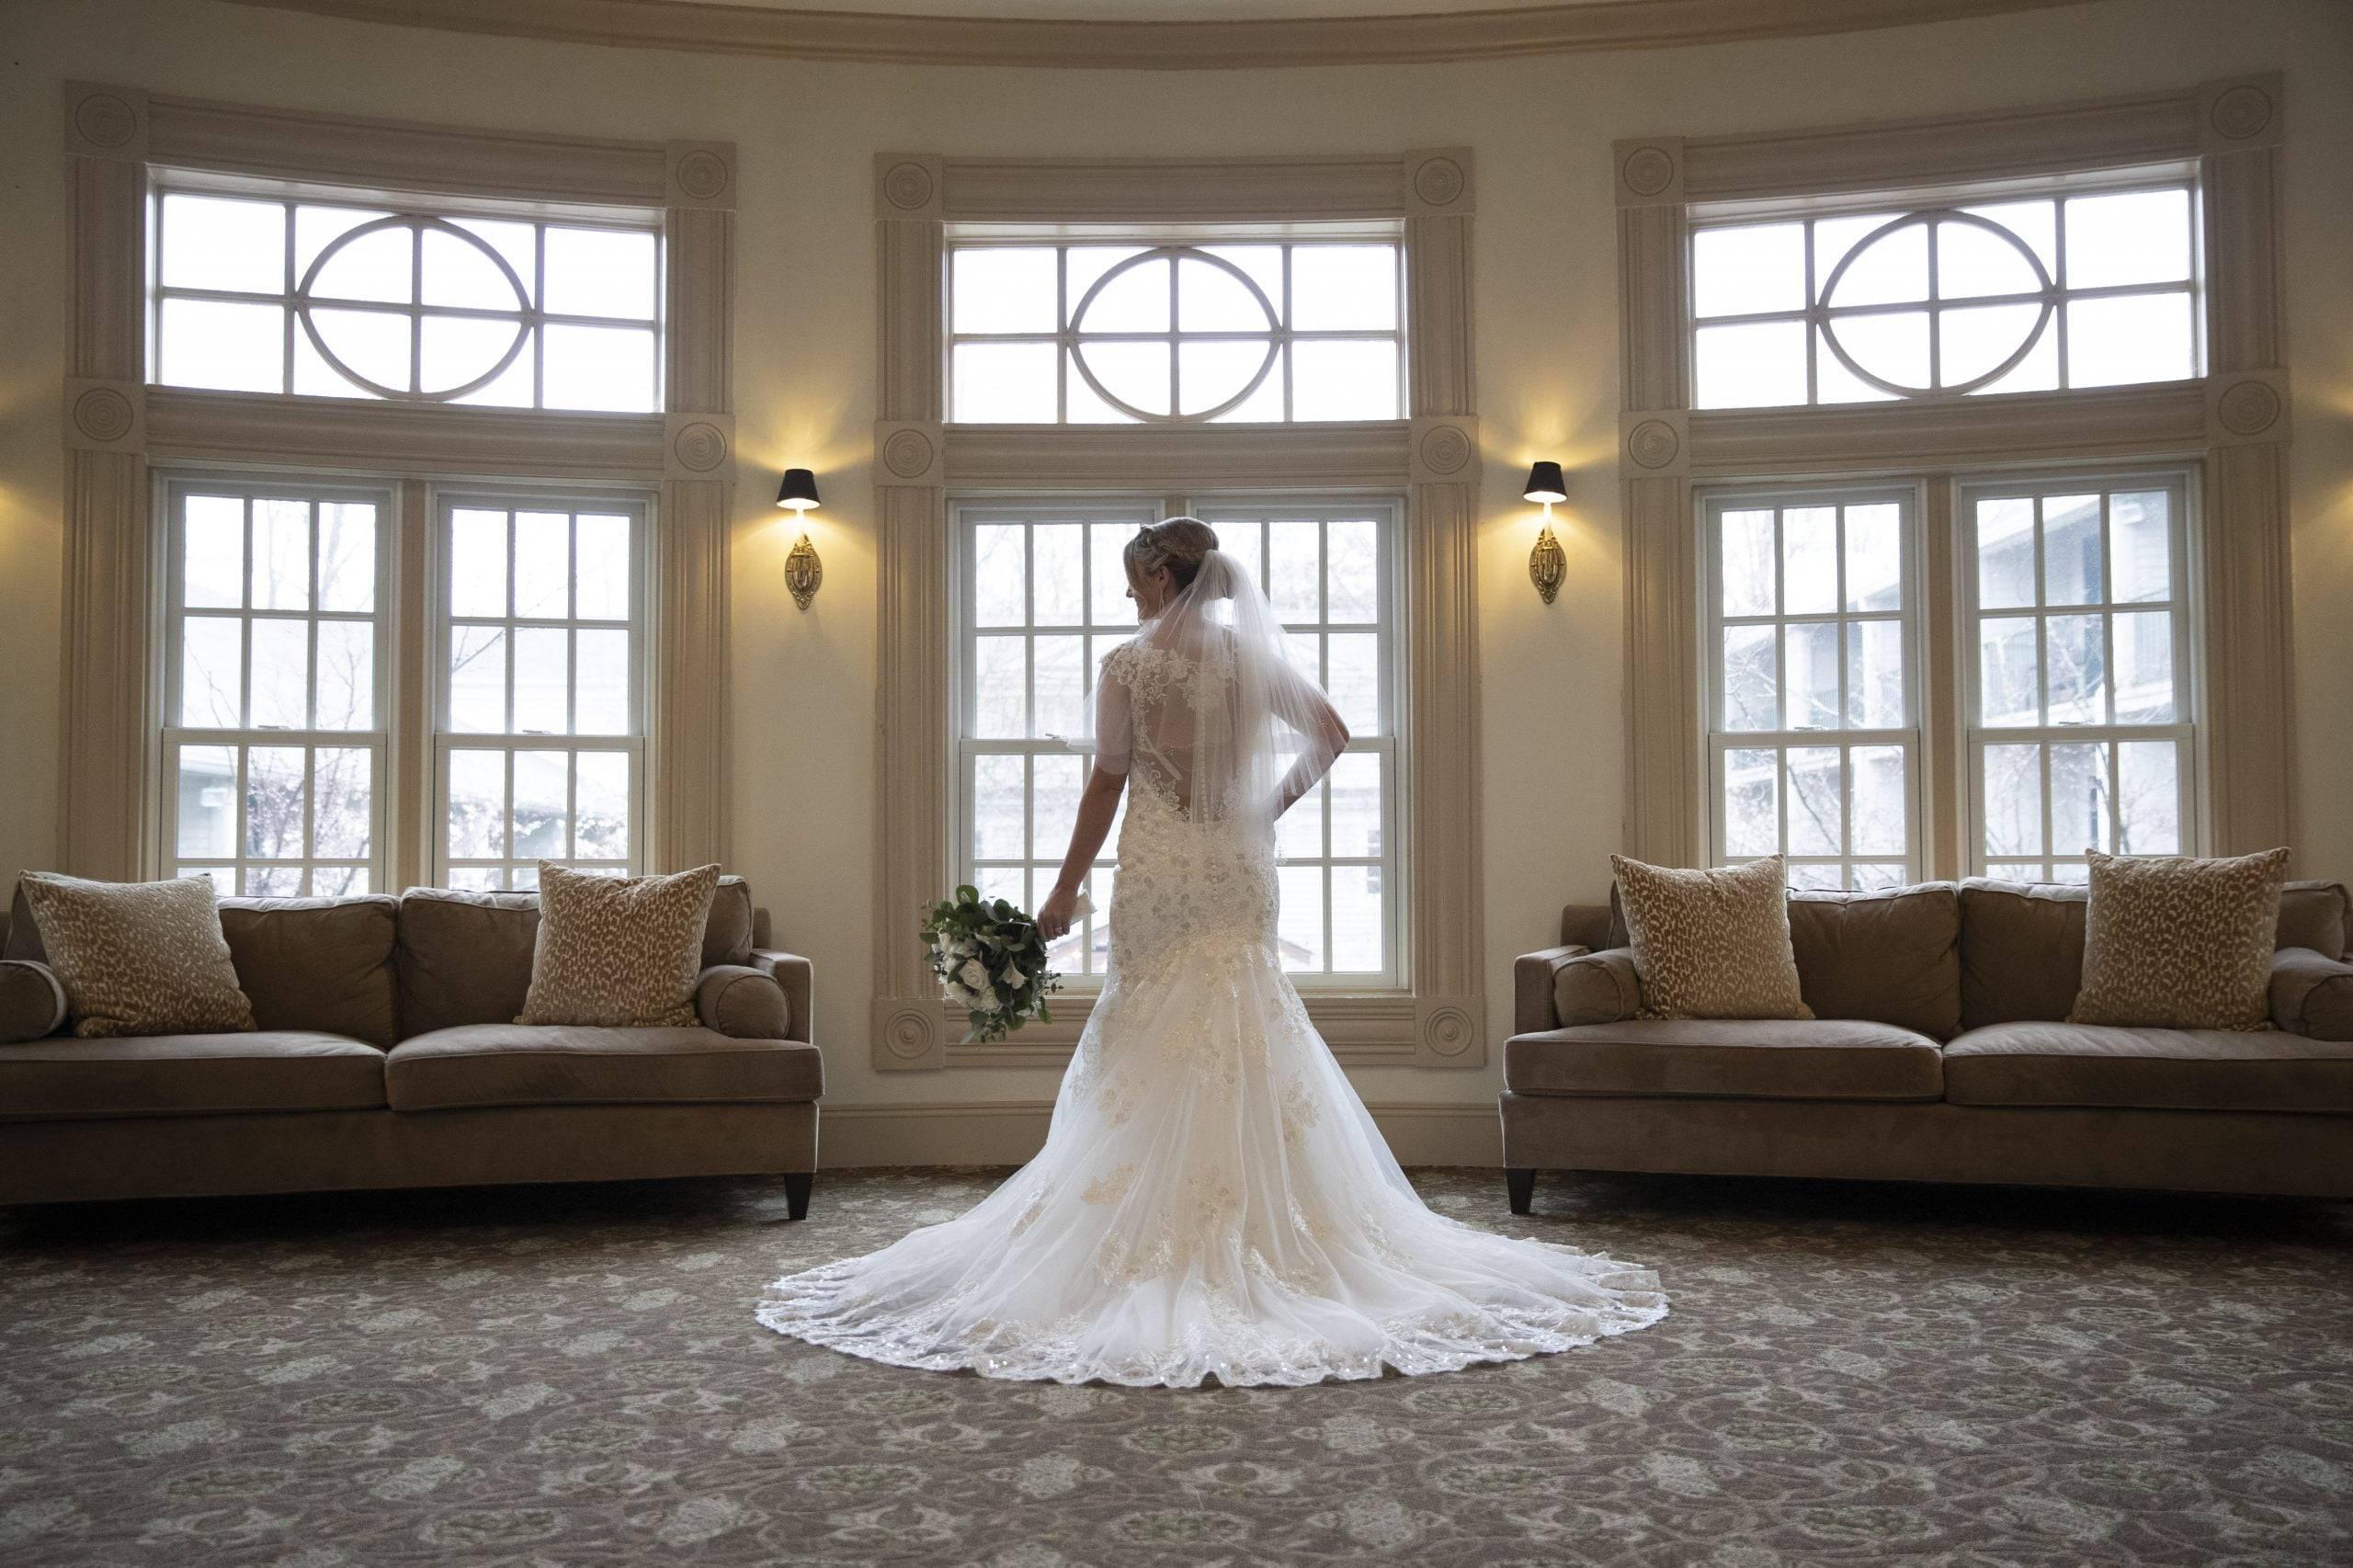 Olde Mill Inn bride in front of windows